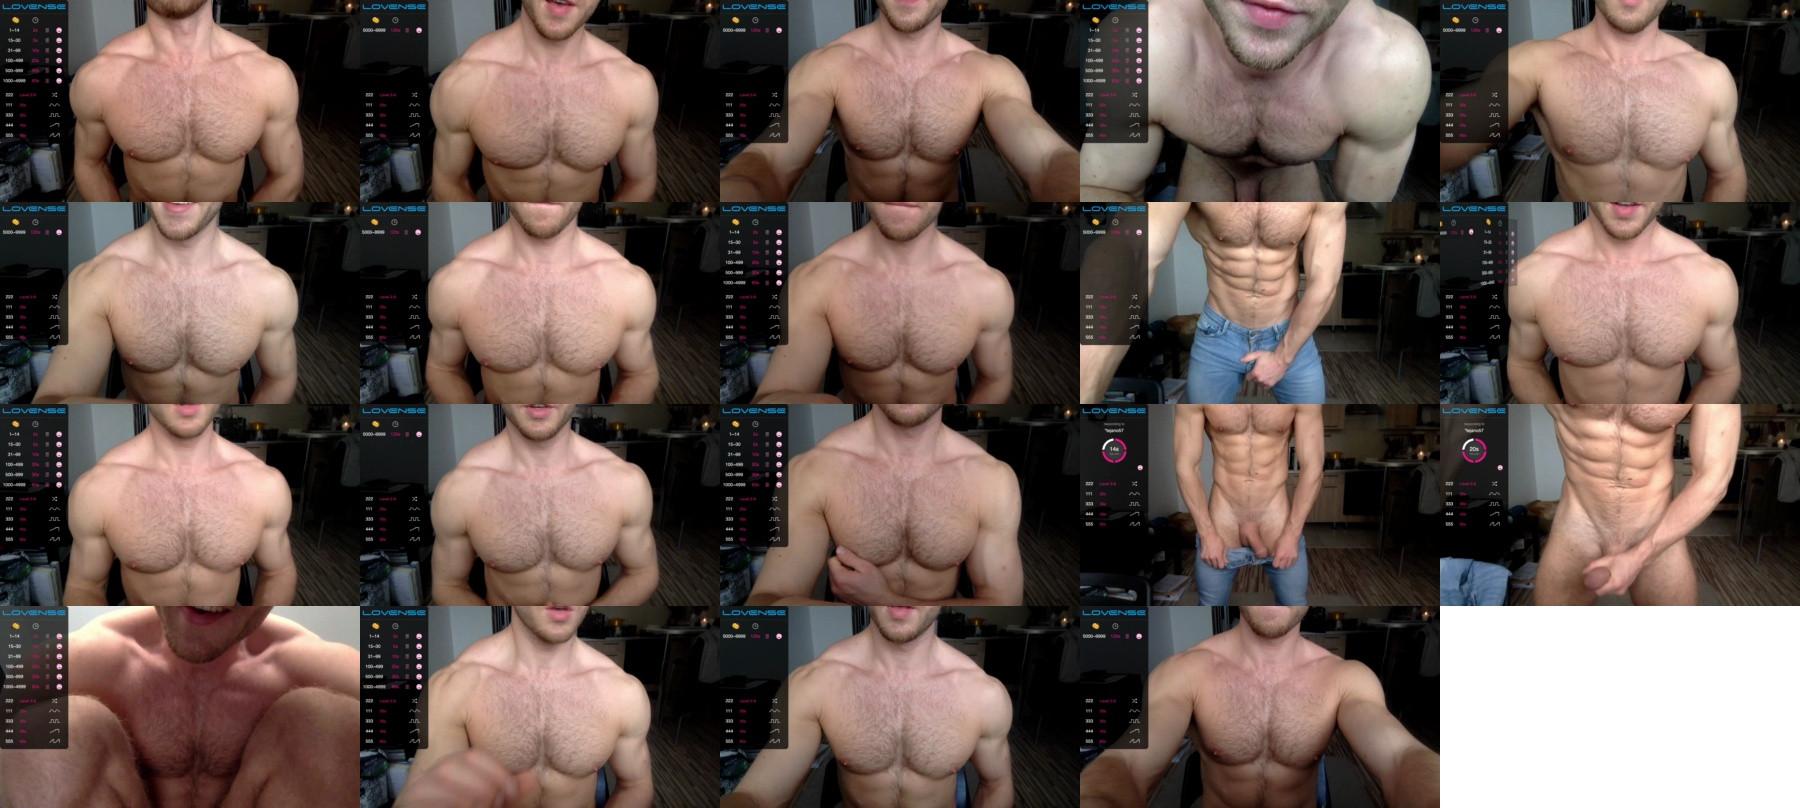 Zakoribulo Chaturbate 28-02-2021 video spanking